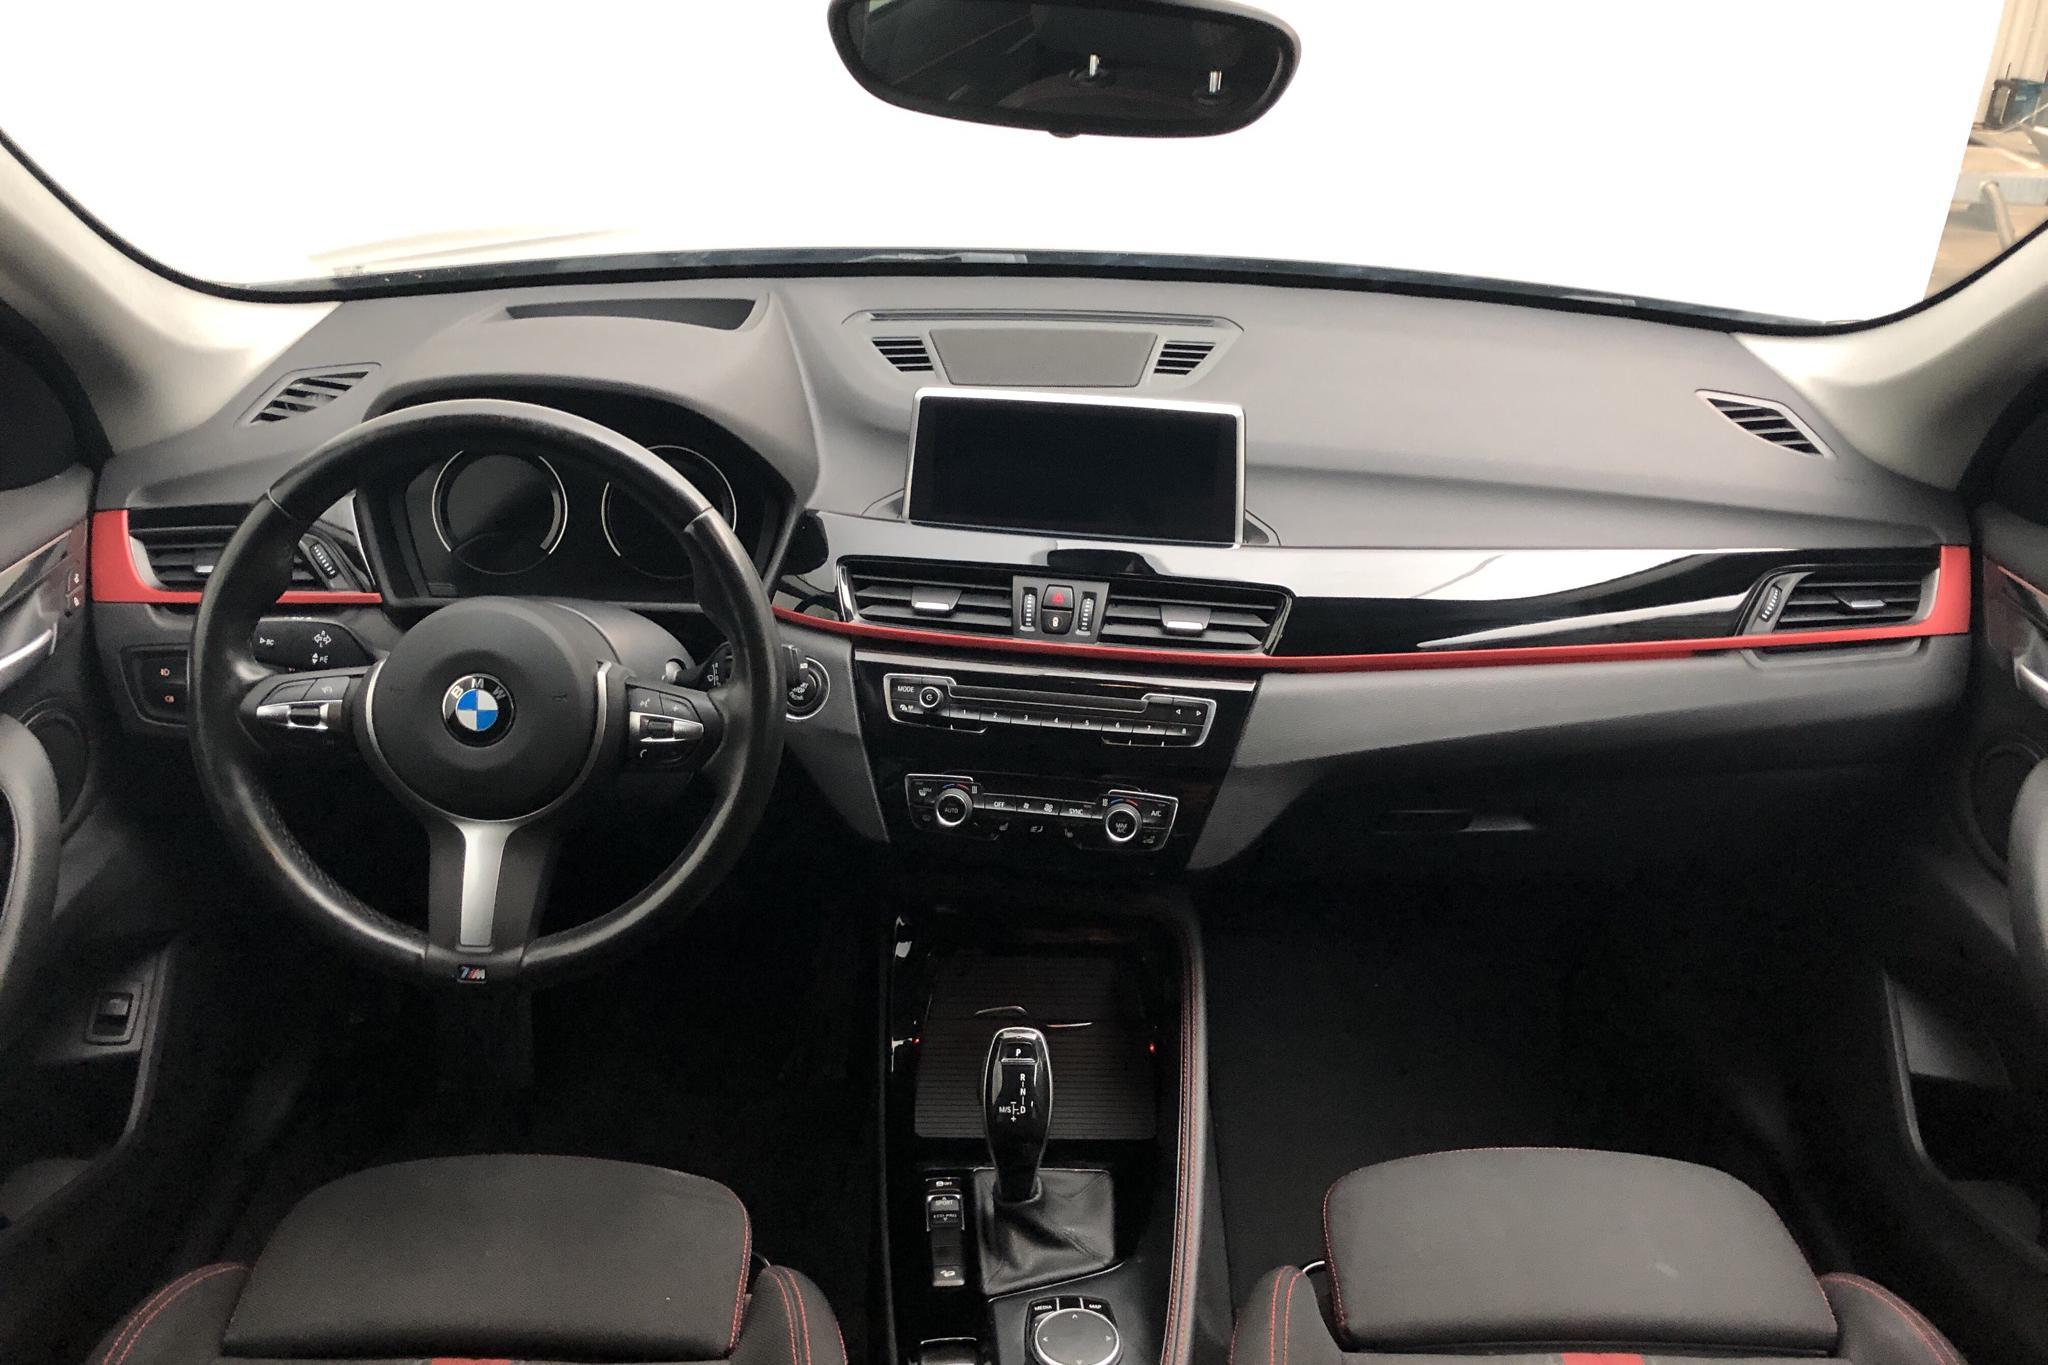 BMW X1 xDrive20d, F48 (190hk) - 91 440 km - Automatic - black - 2019